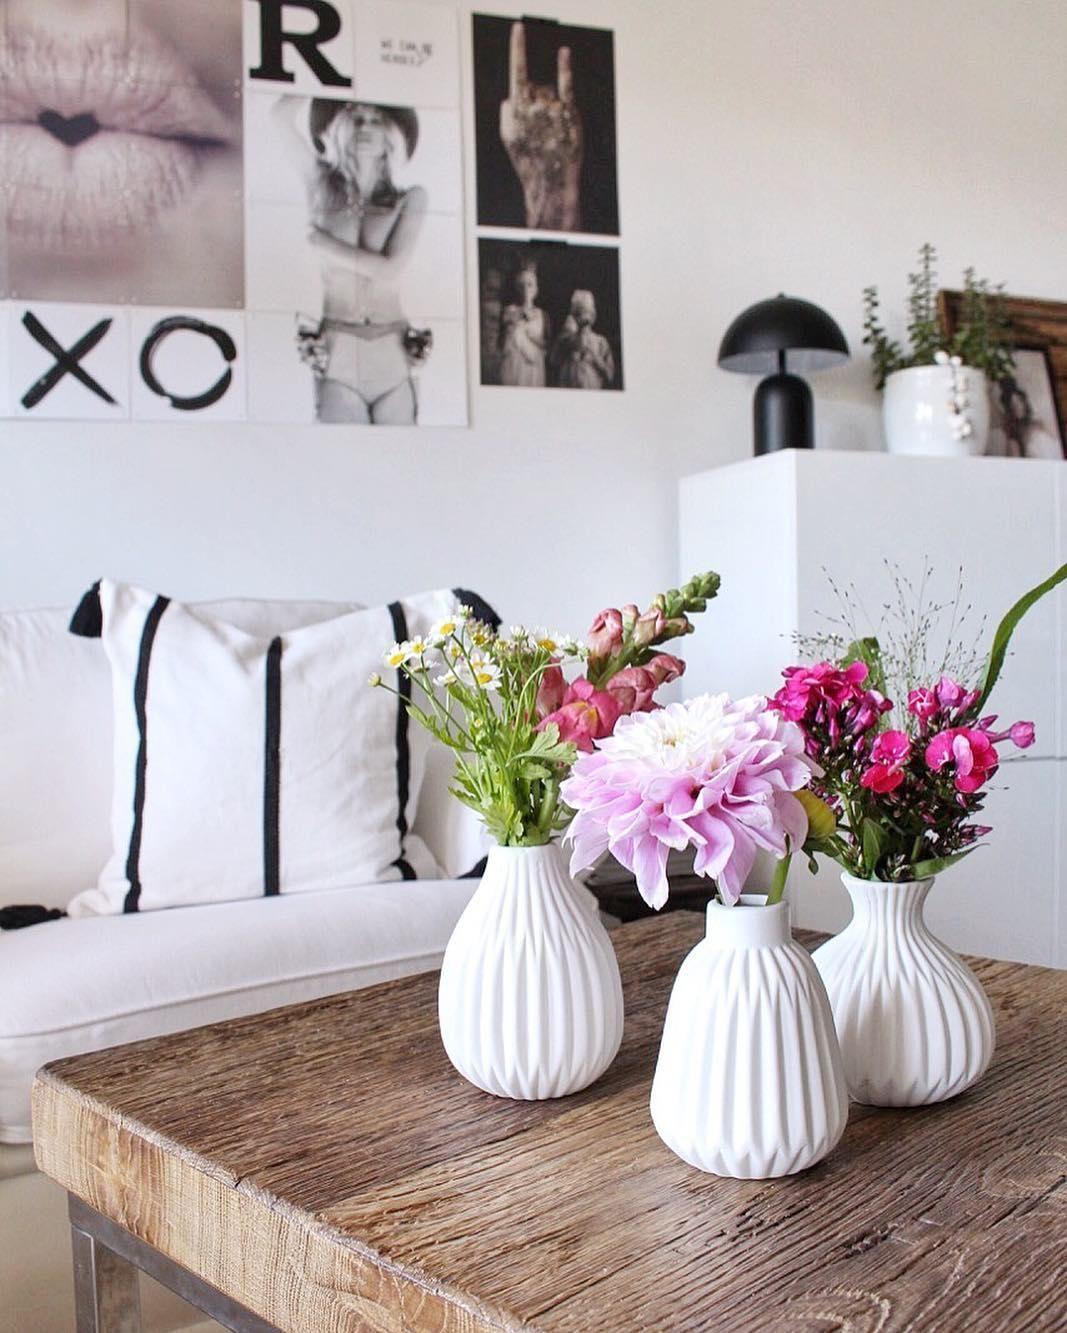 Kleines Vasen Set Esko Aus Porzellan 3 Tlg Westwingnow Gunstige Wohndeko Haus Deko Dekoration Wohnzimmer